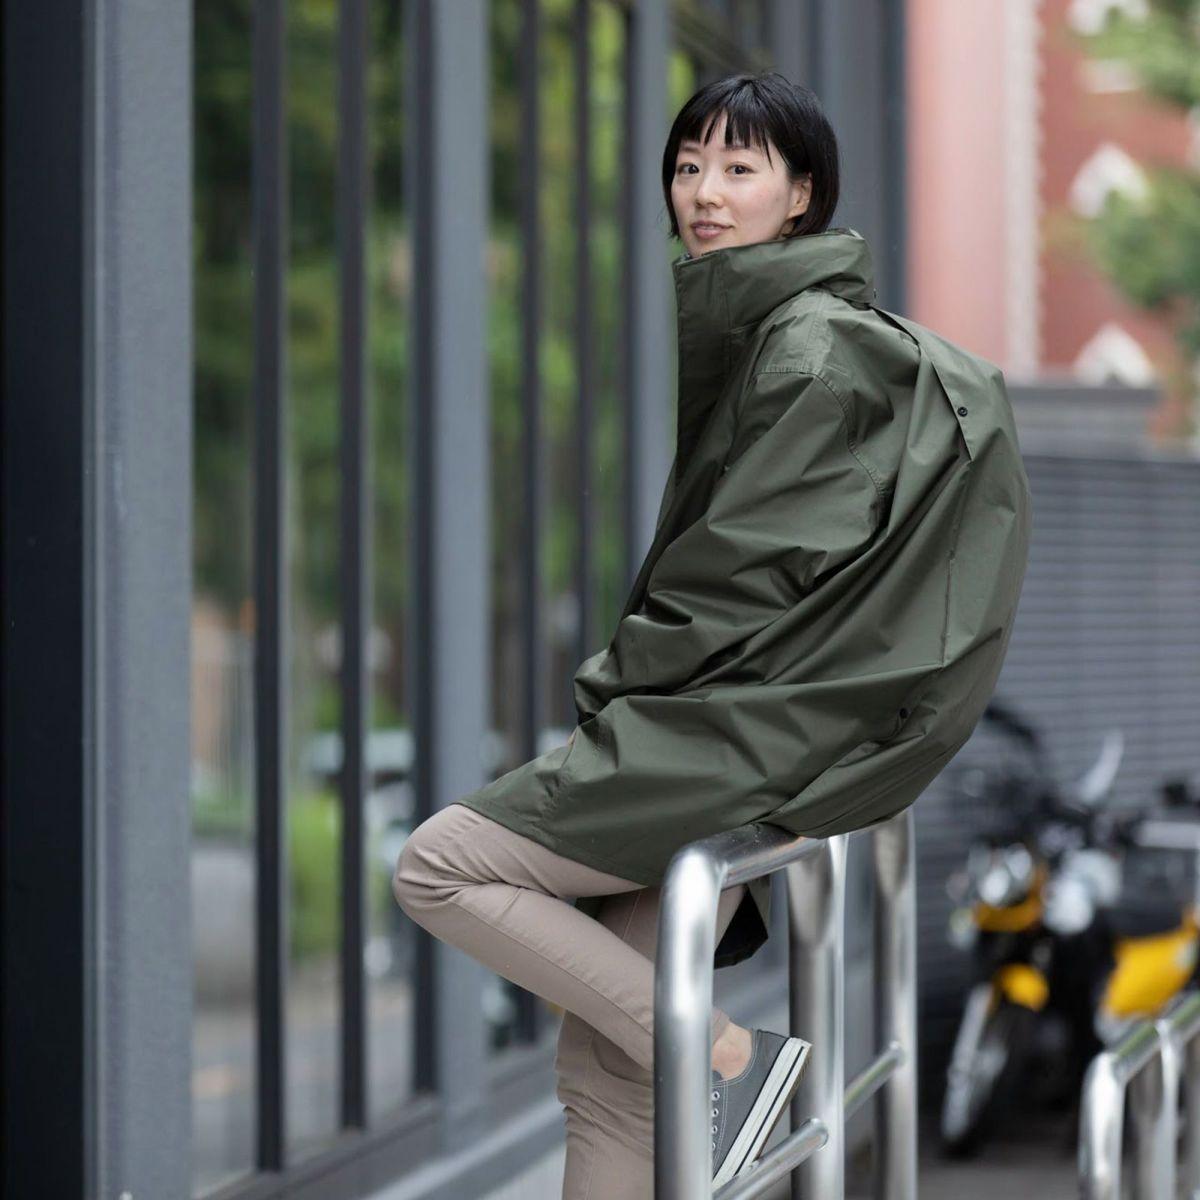 オーバーサイズ気味がオシャレ♪ オリーブ 着用イメージ(バッグイン) [女性モデルのサイズ]身長:168cm 着用サイズ:L